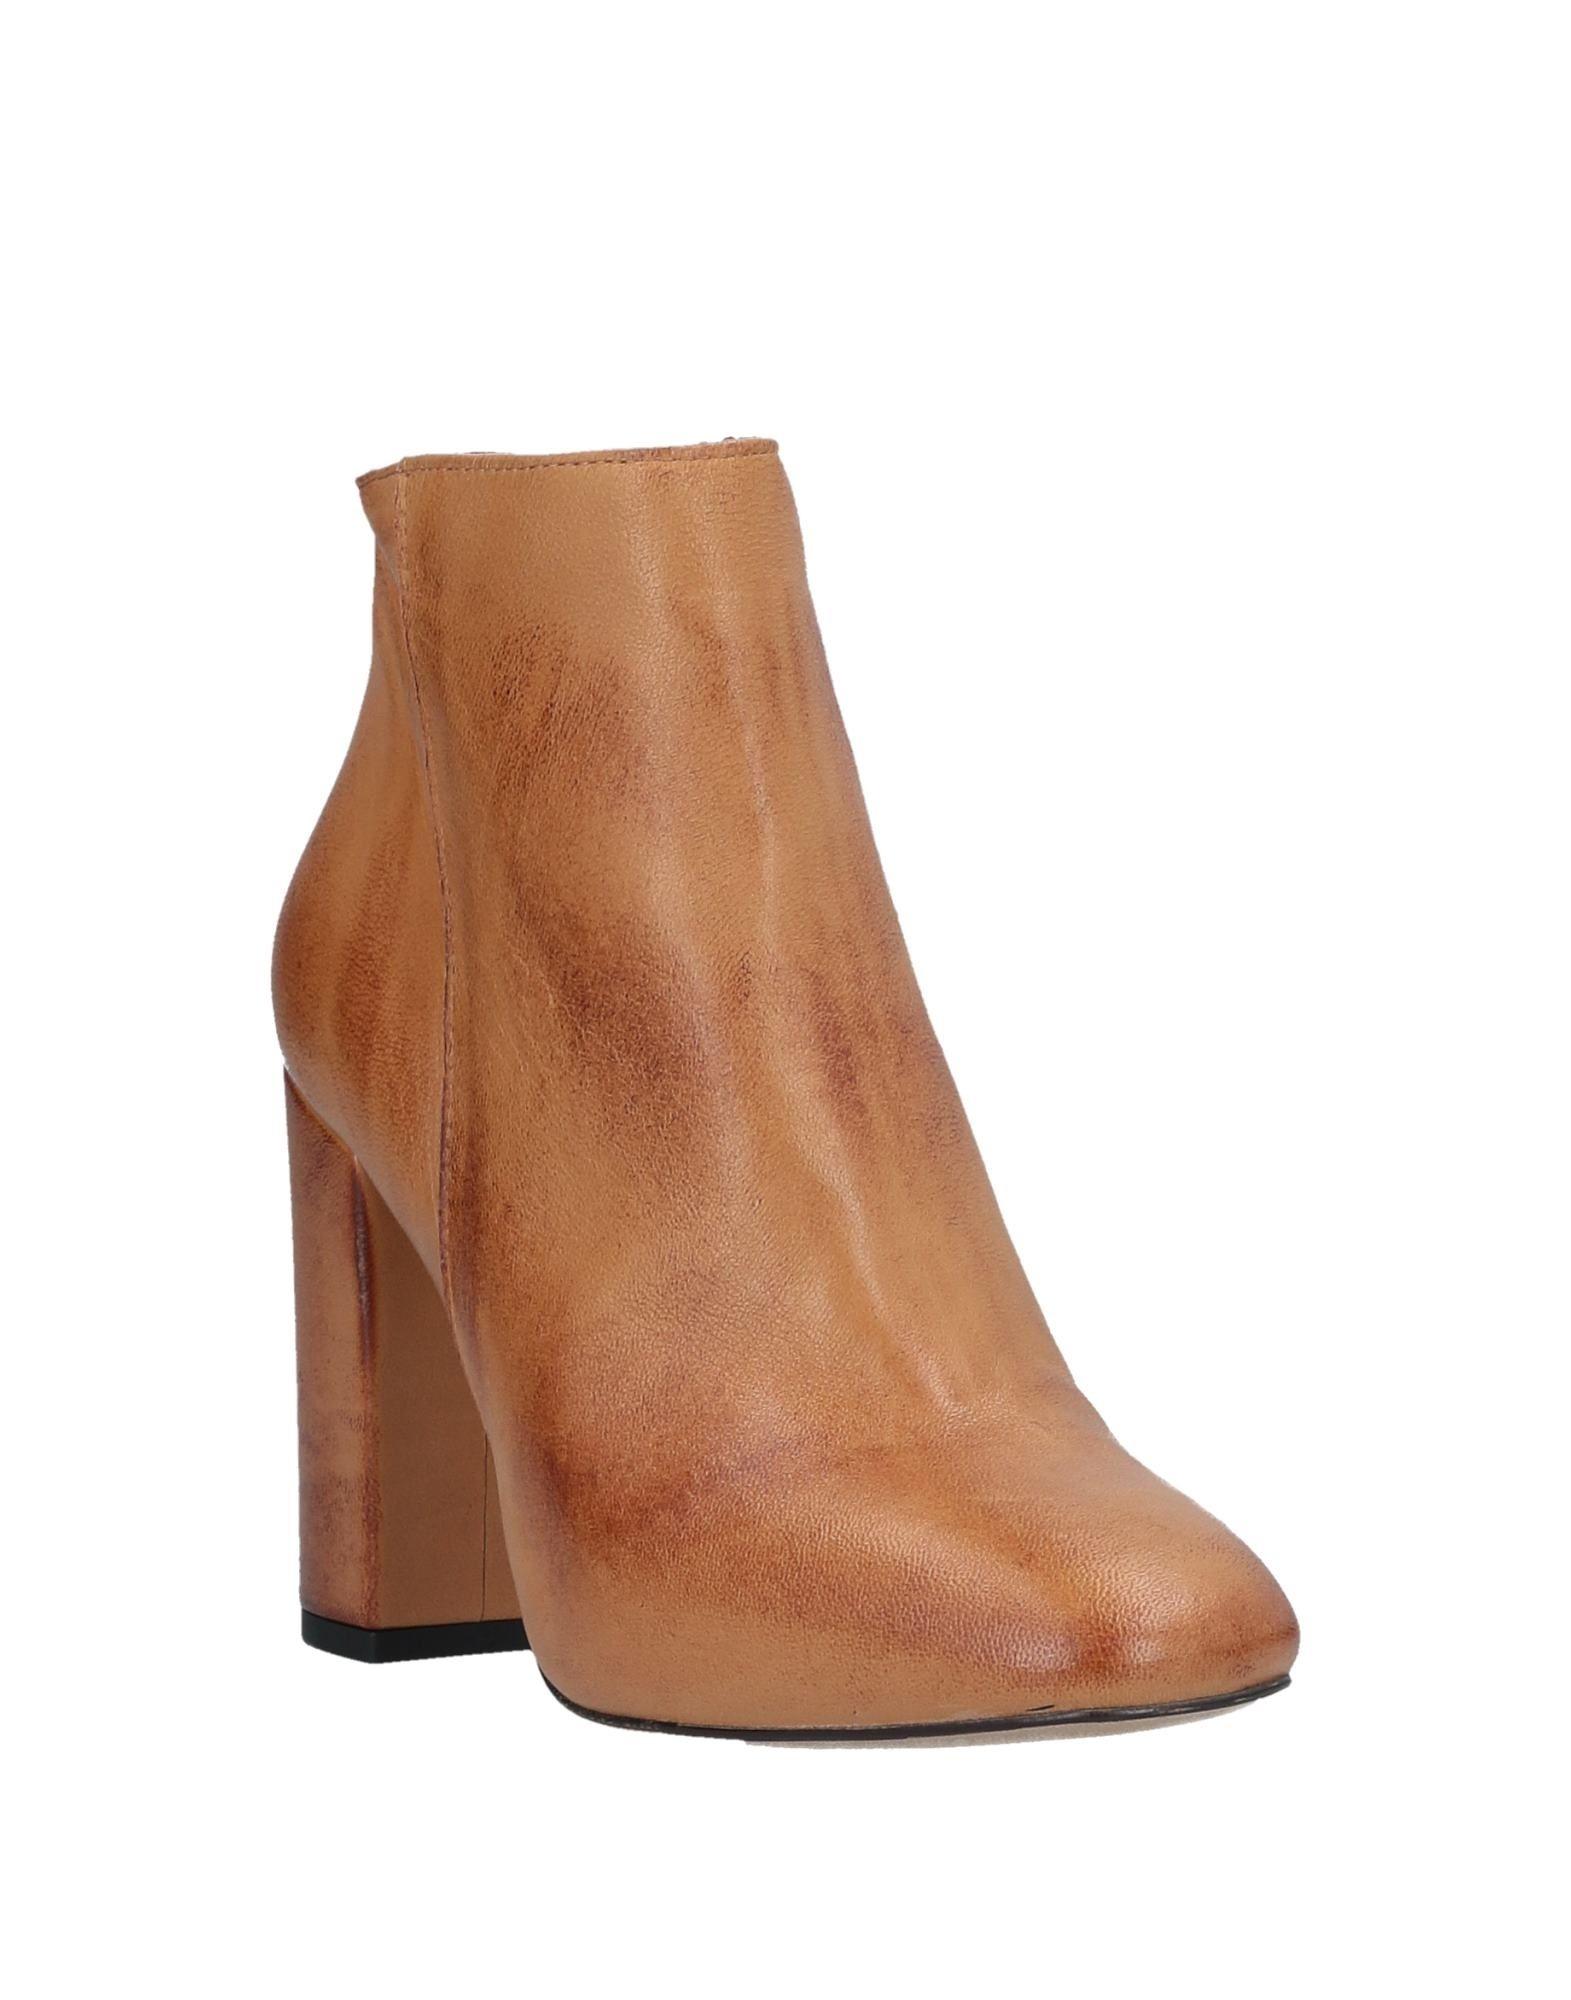 Gut um Stiefelette billige Schuhe zu tragenUnlace Stiefelette um Damen  11528355JI 4c1143